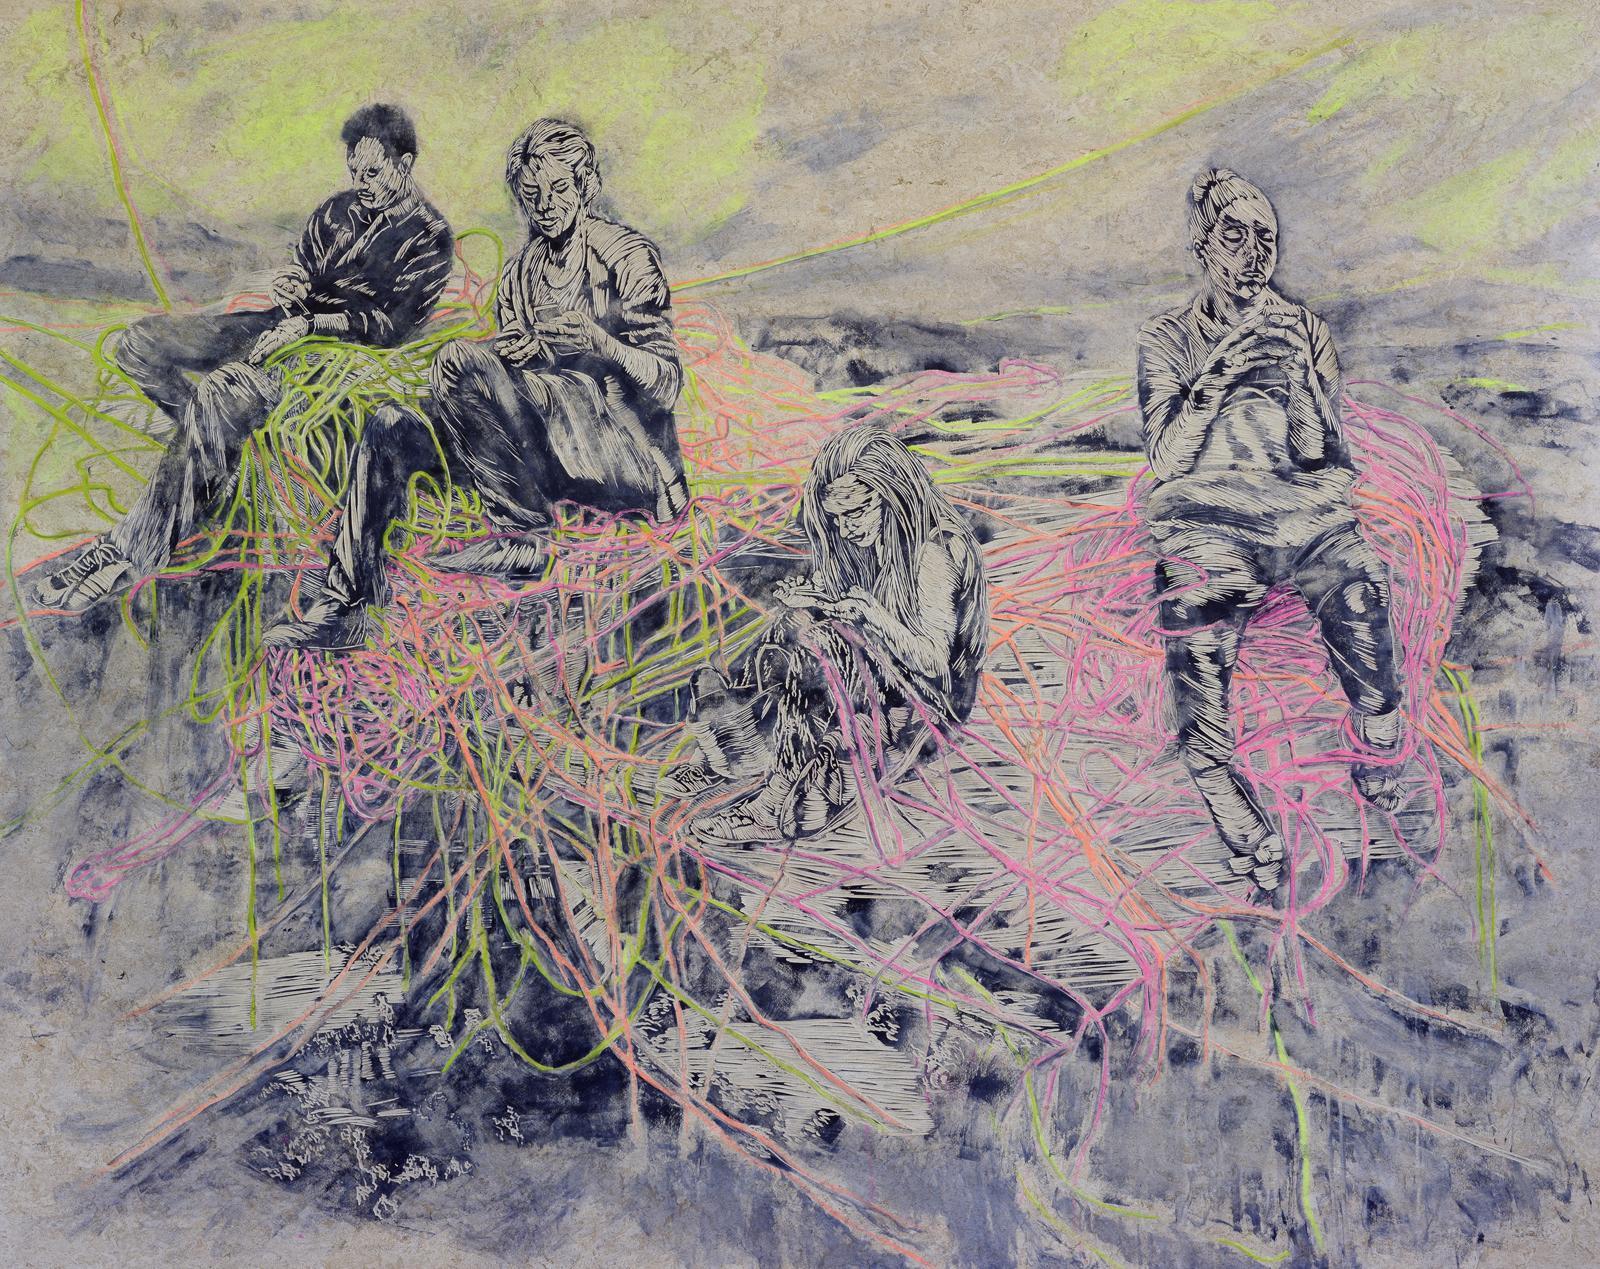 Quasselstrippen, 2016, 180 x 227 cm